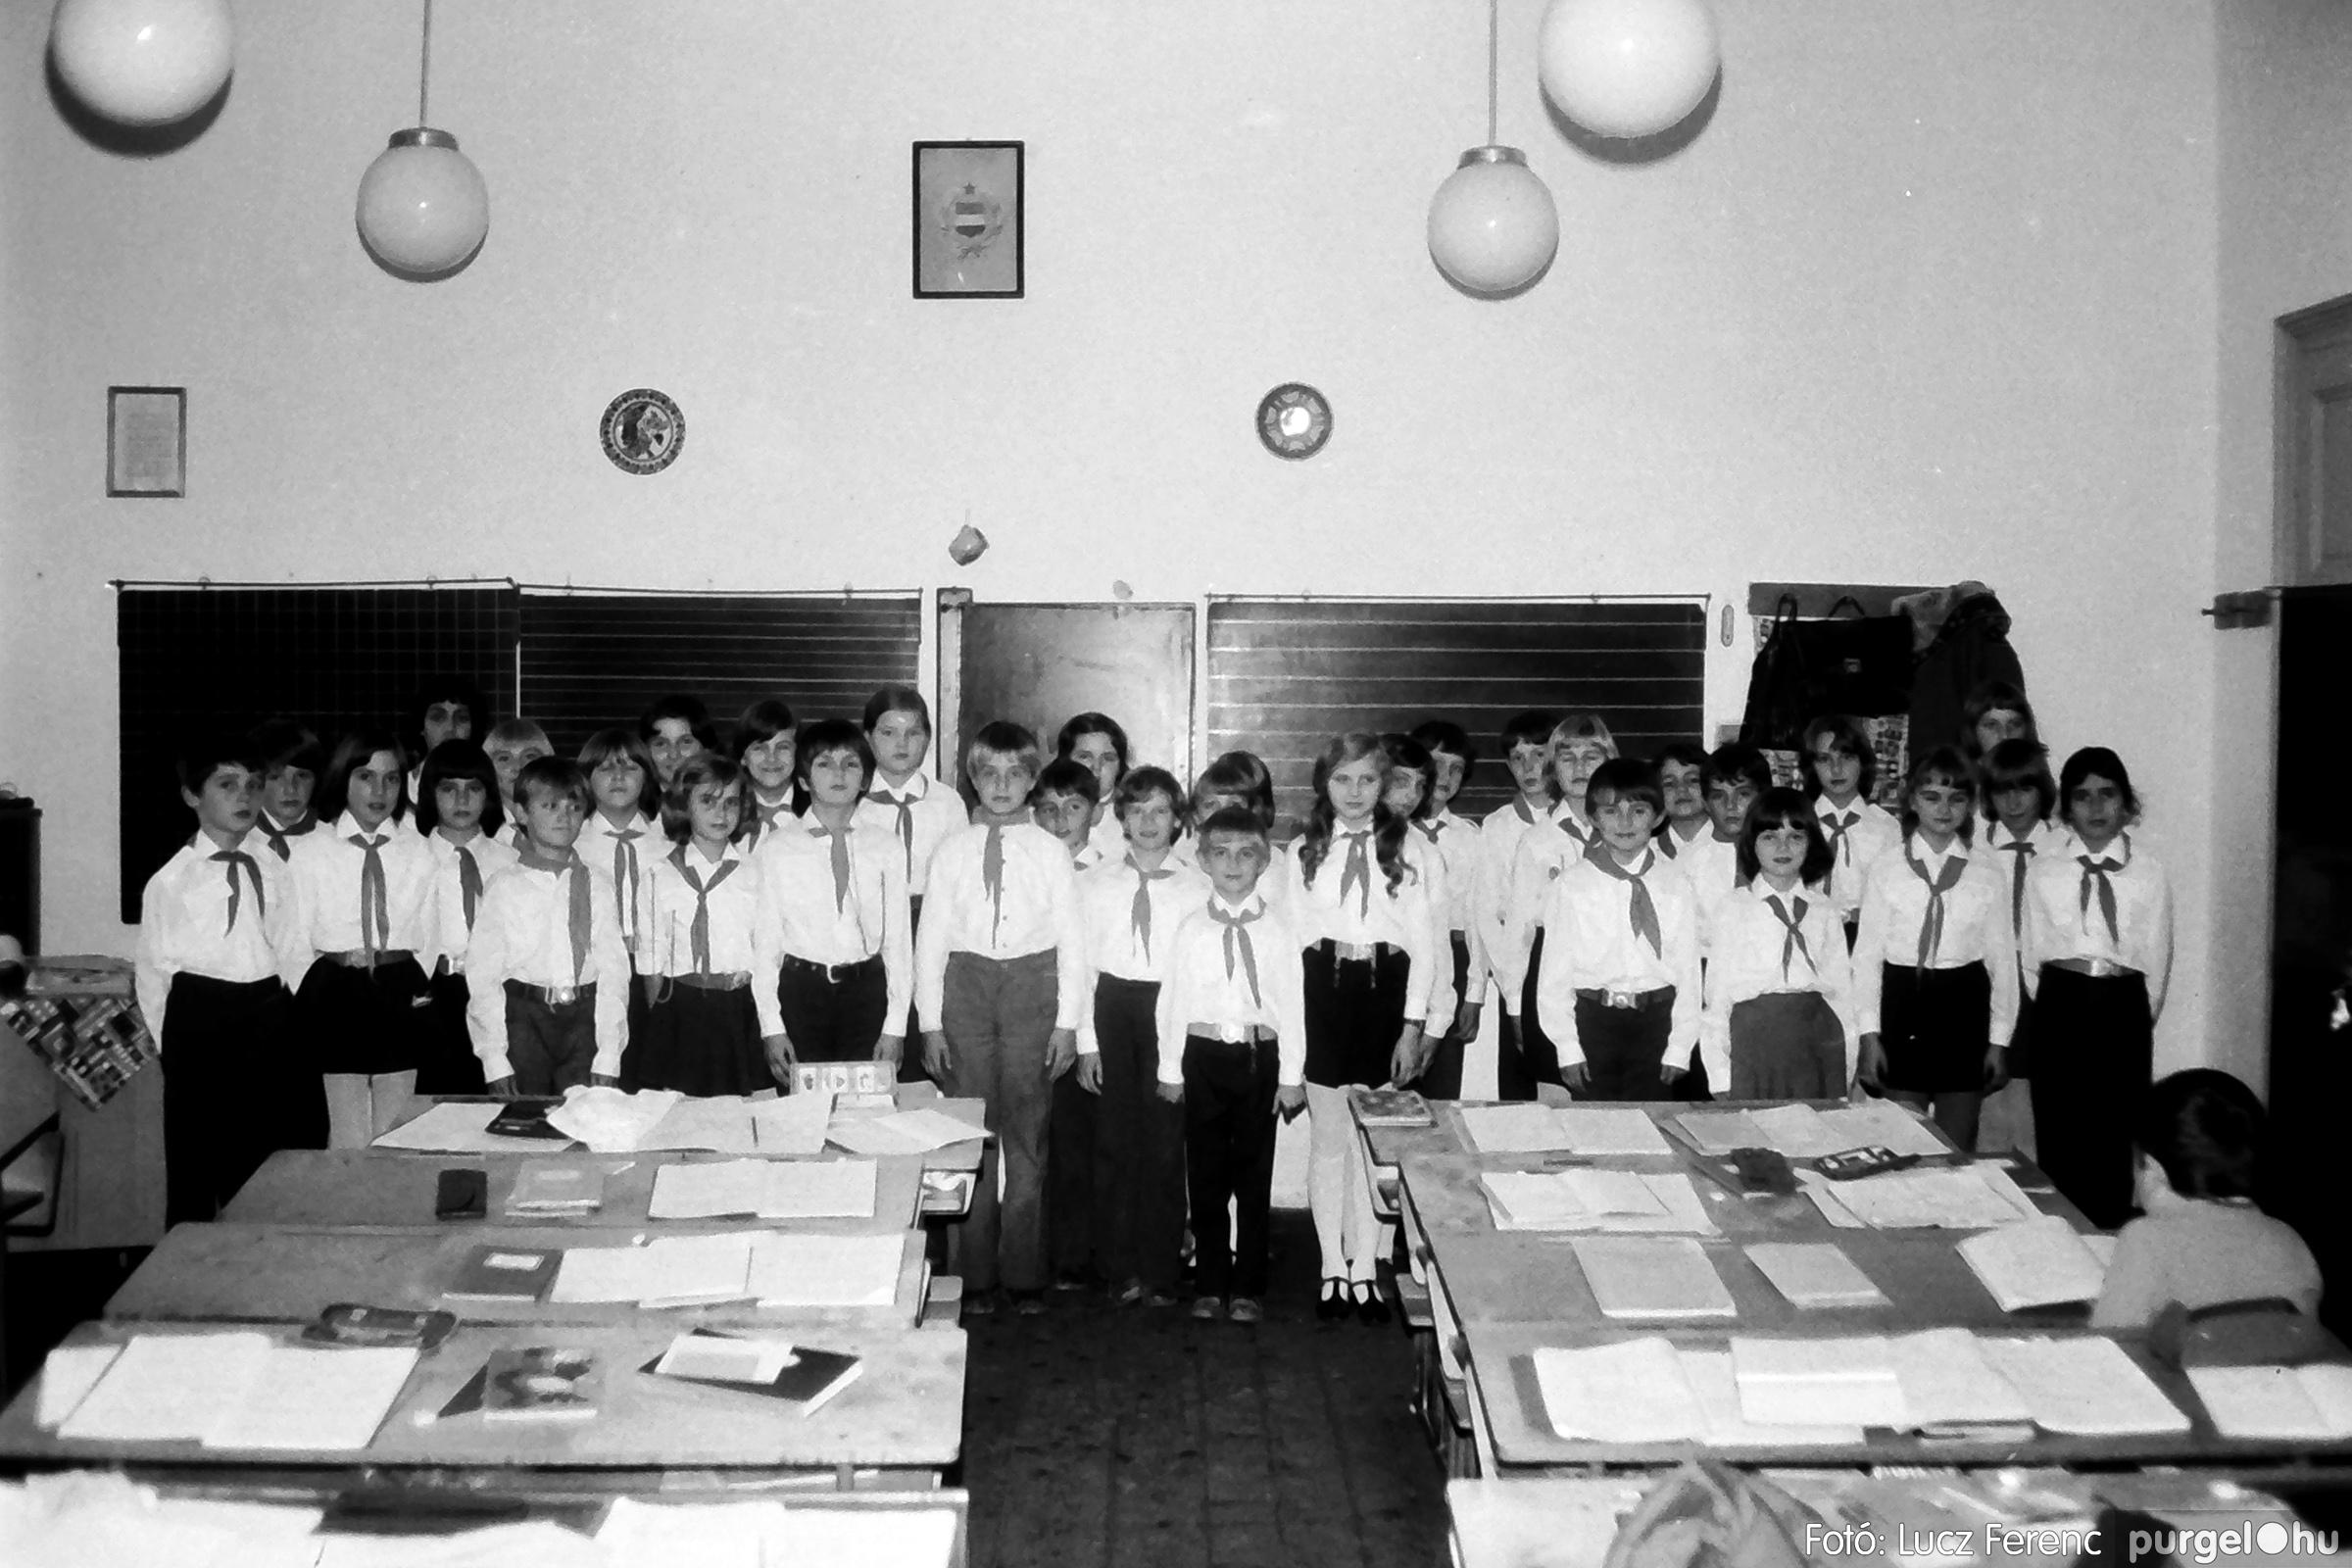 092. 1977. Úttörő rendezvény a Központi Általános Iskolában 003. - Fotó: Lucz Ferenc.jpg